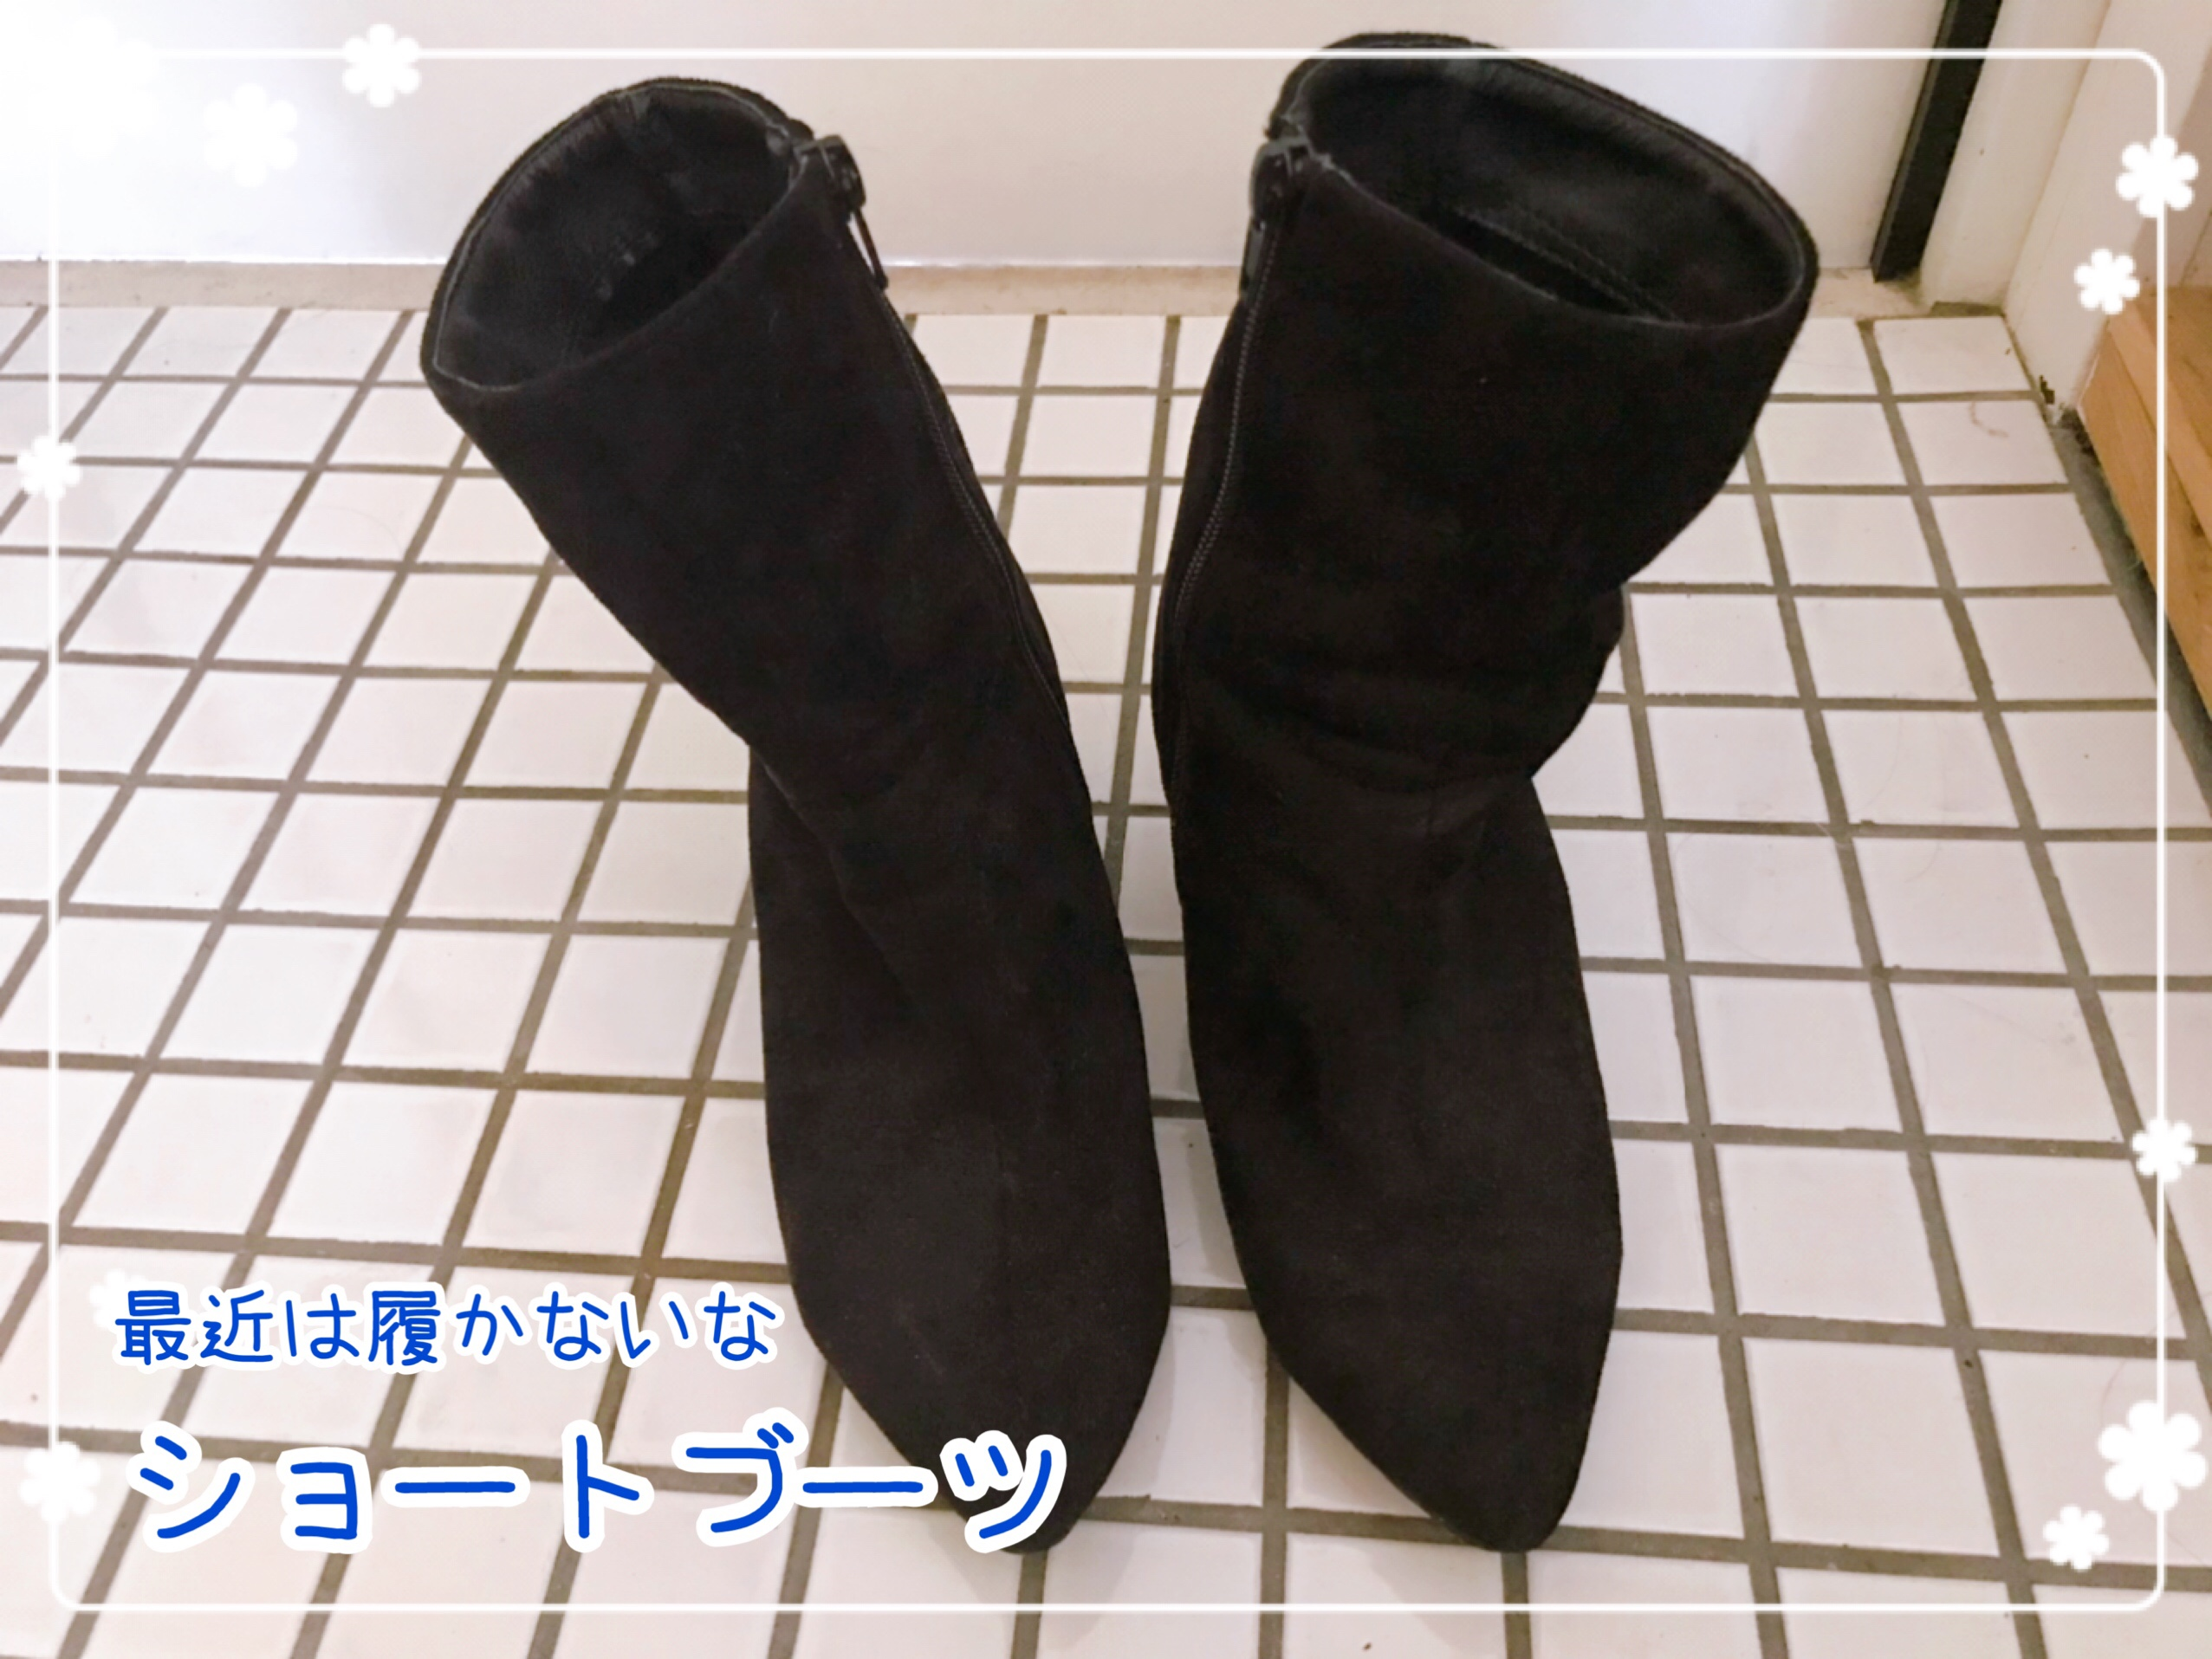 ゆるミニマリスト靴 持っている靴